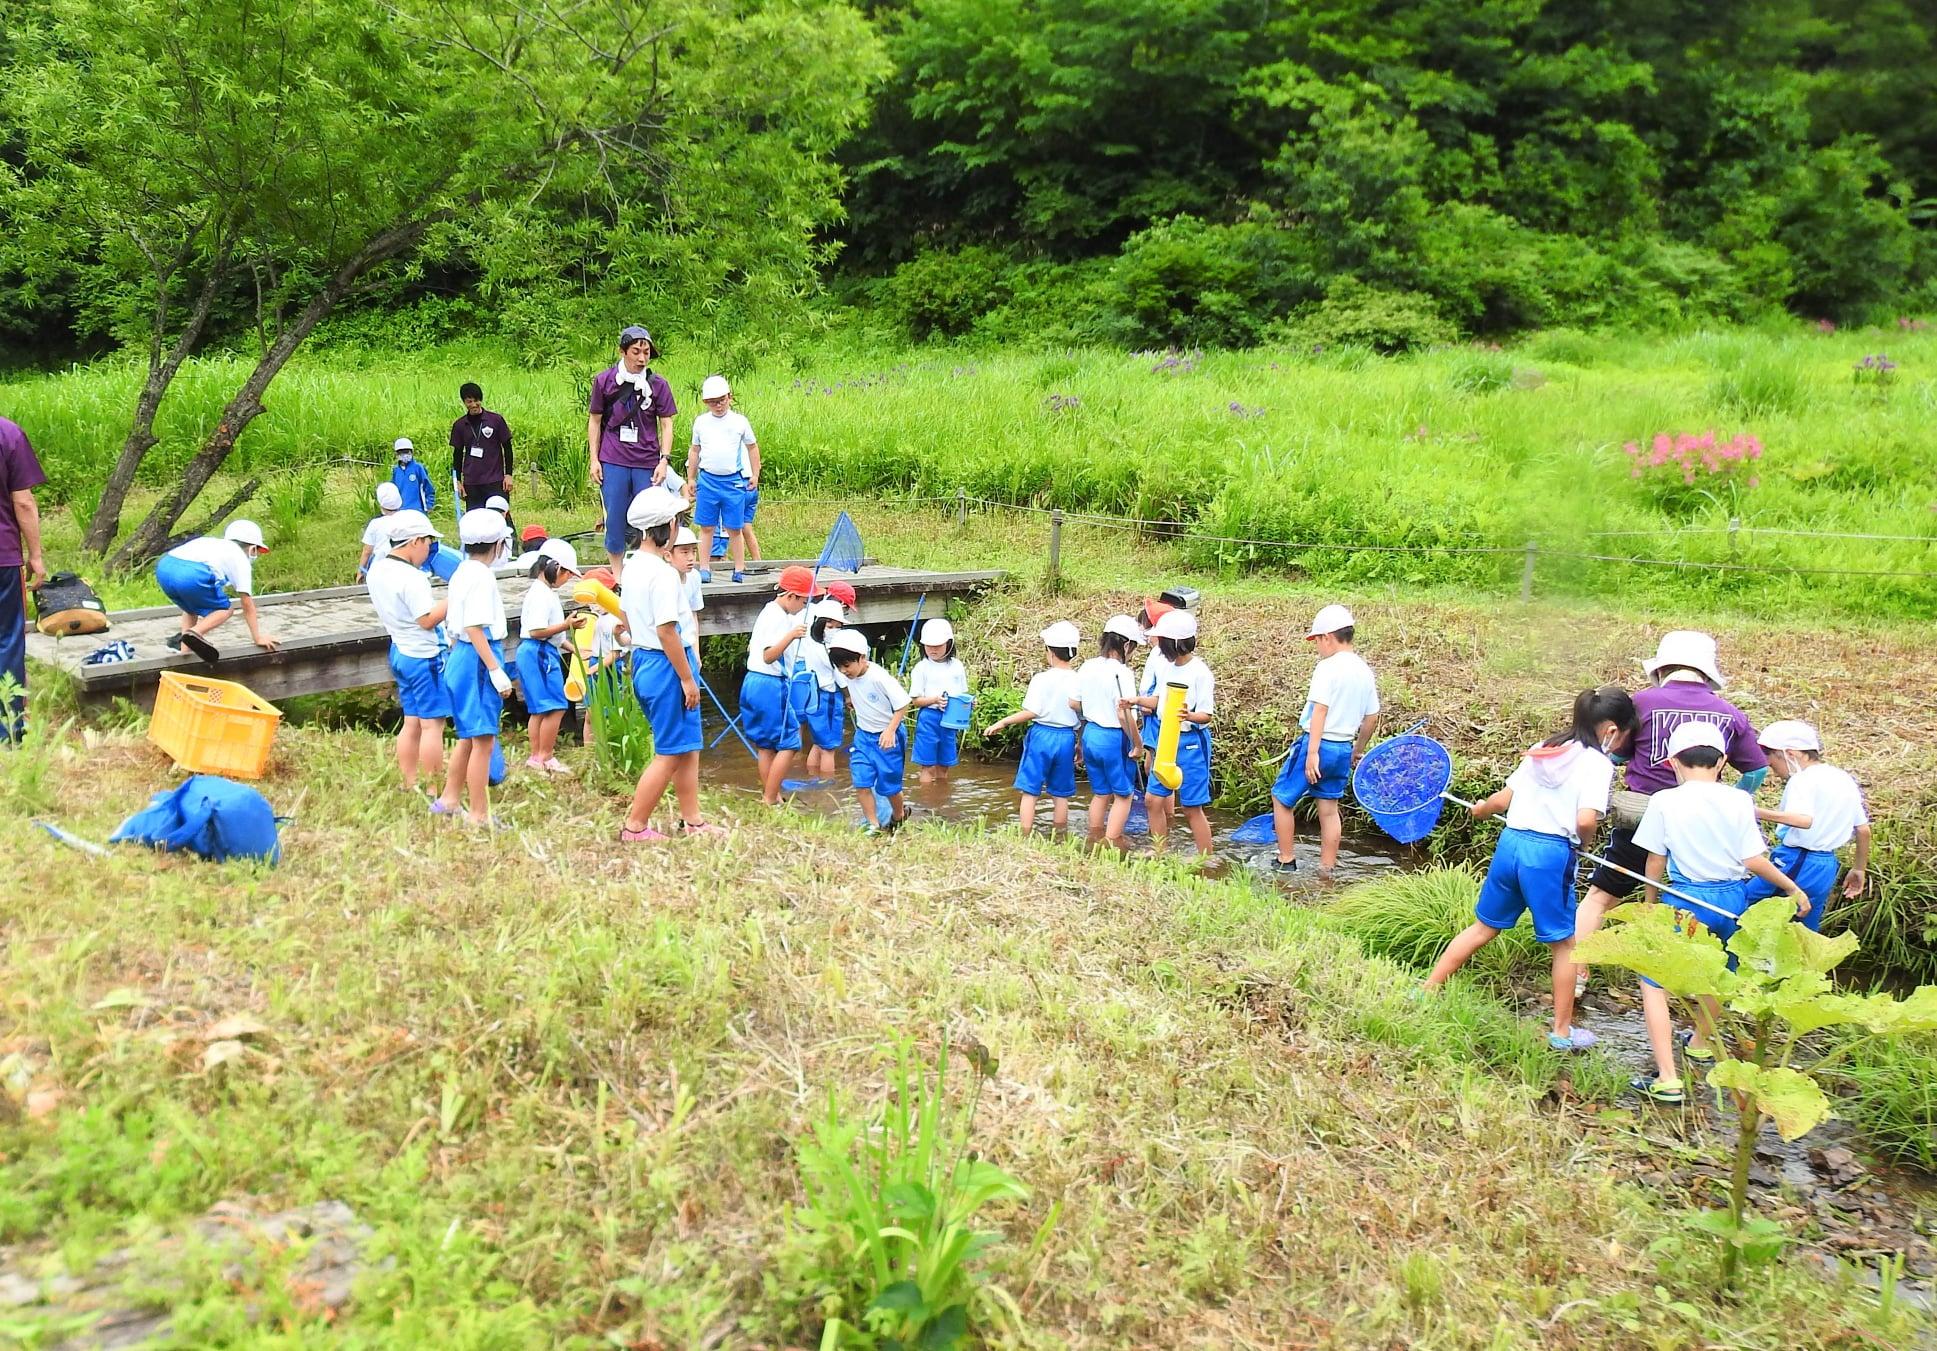 ヌマエビ、メダカ、小型の魚などを観察